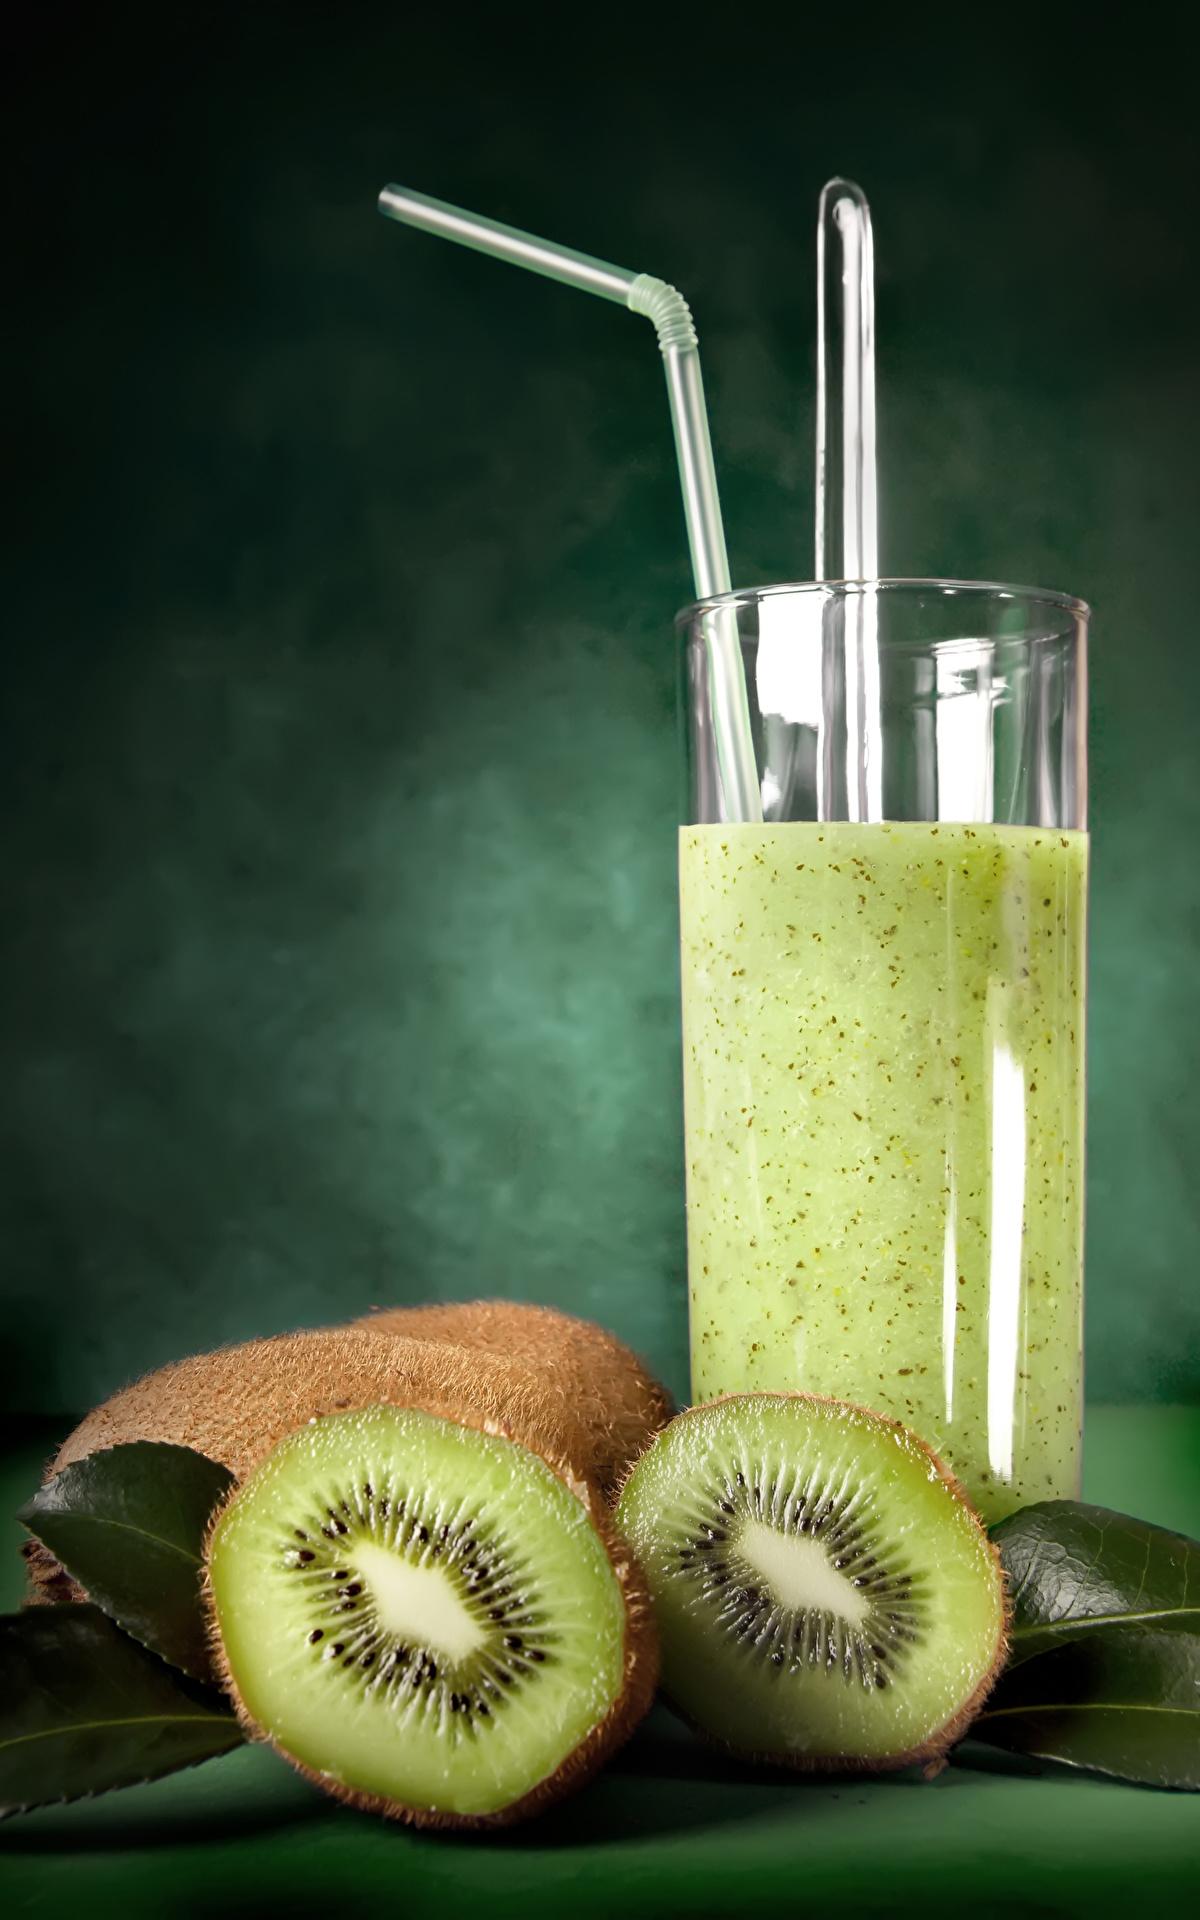 Фотография Сок Киви Стакан Еда 1200x1920 стакана стакане Пища Продукты питания